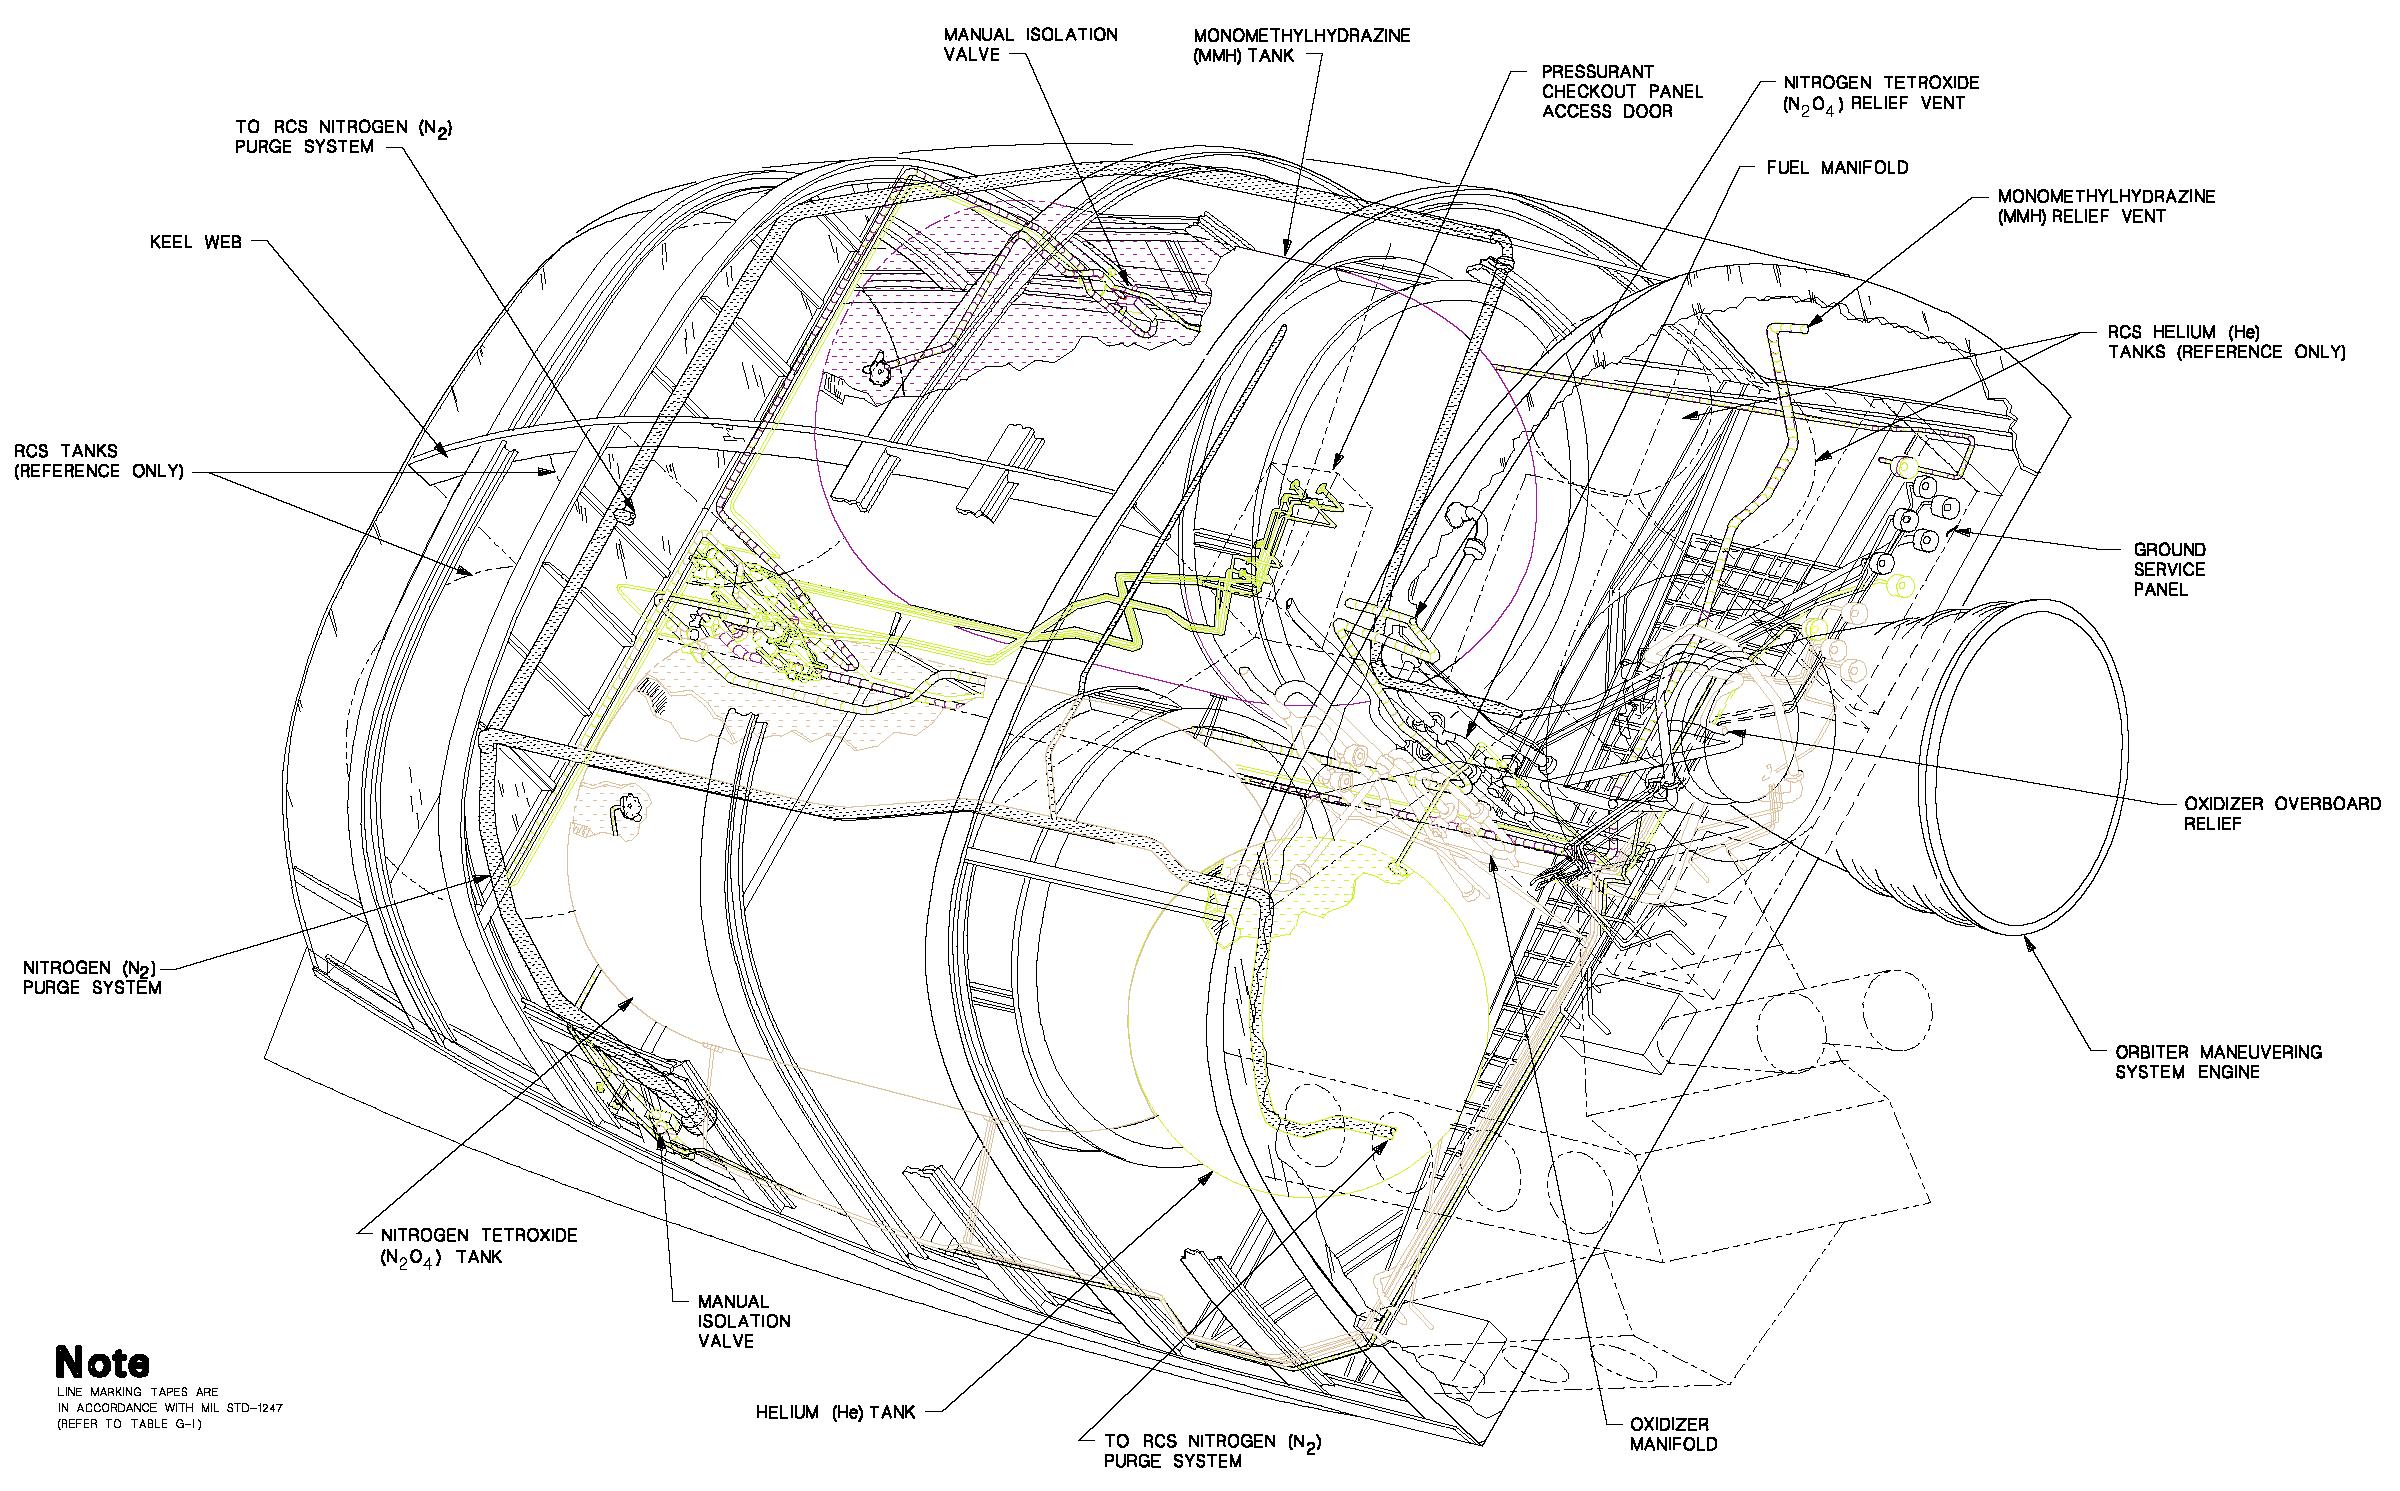 Oms pod schematic